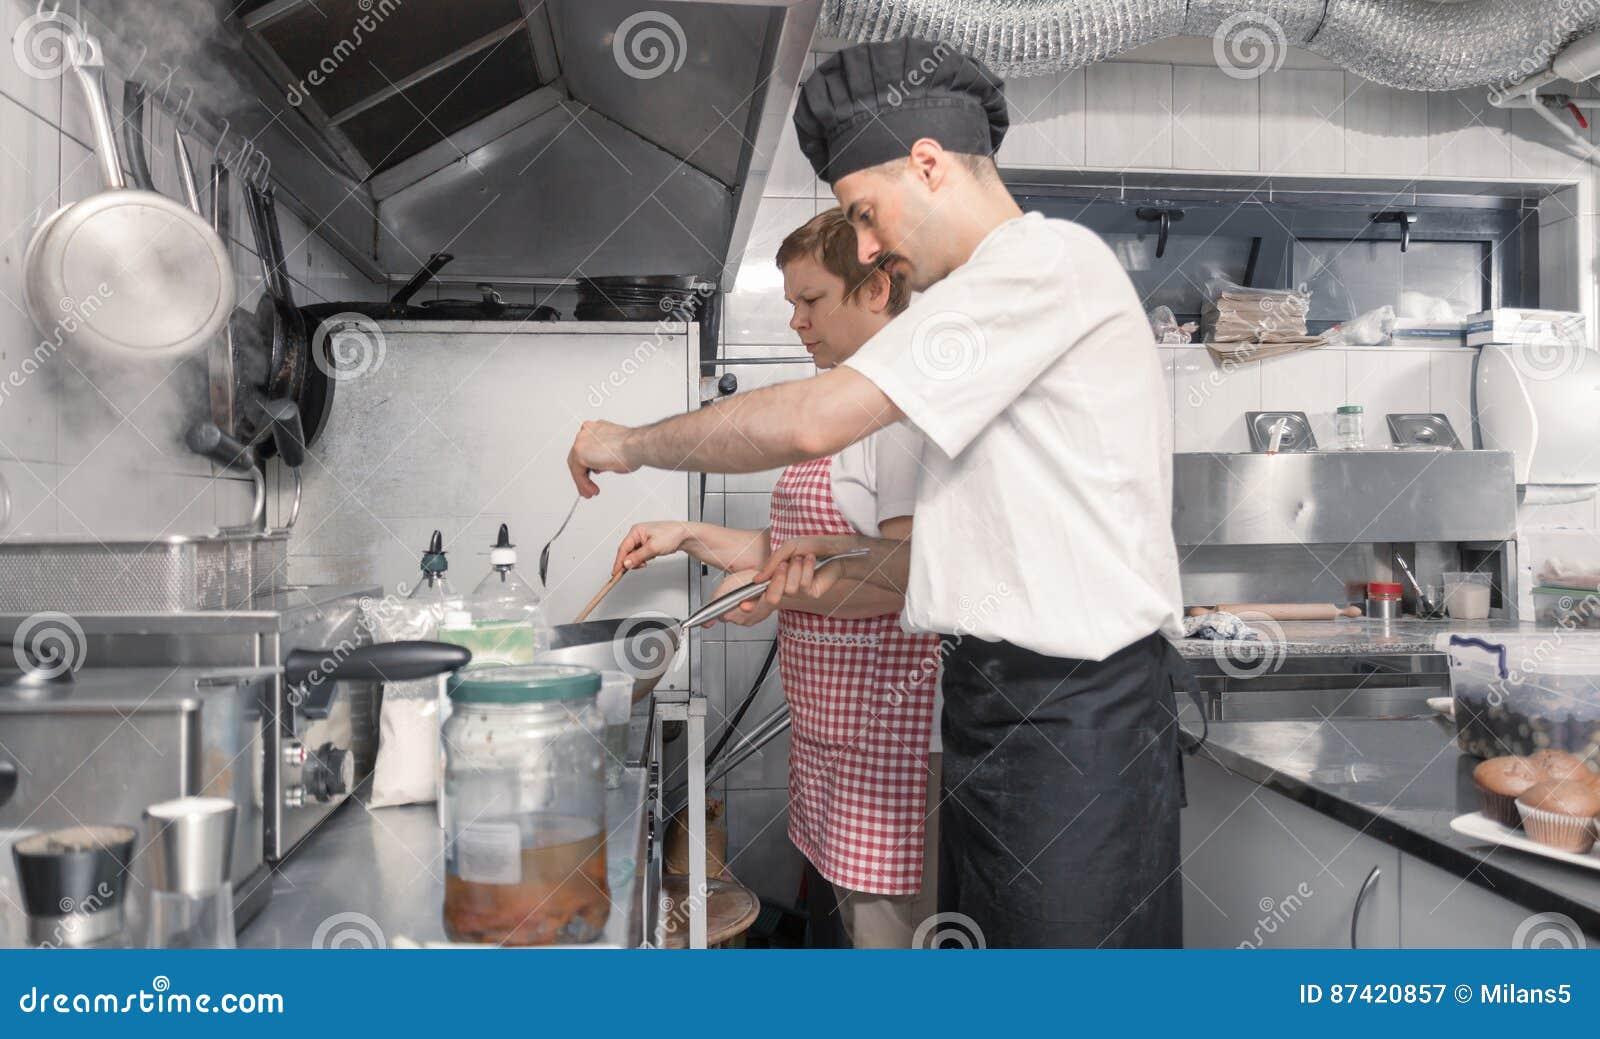 烹调两个的人,商业厨房